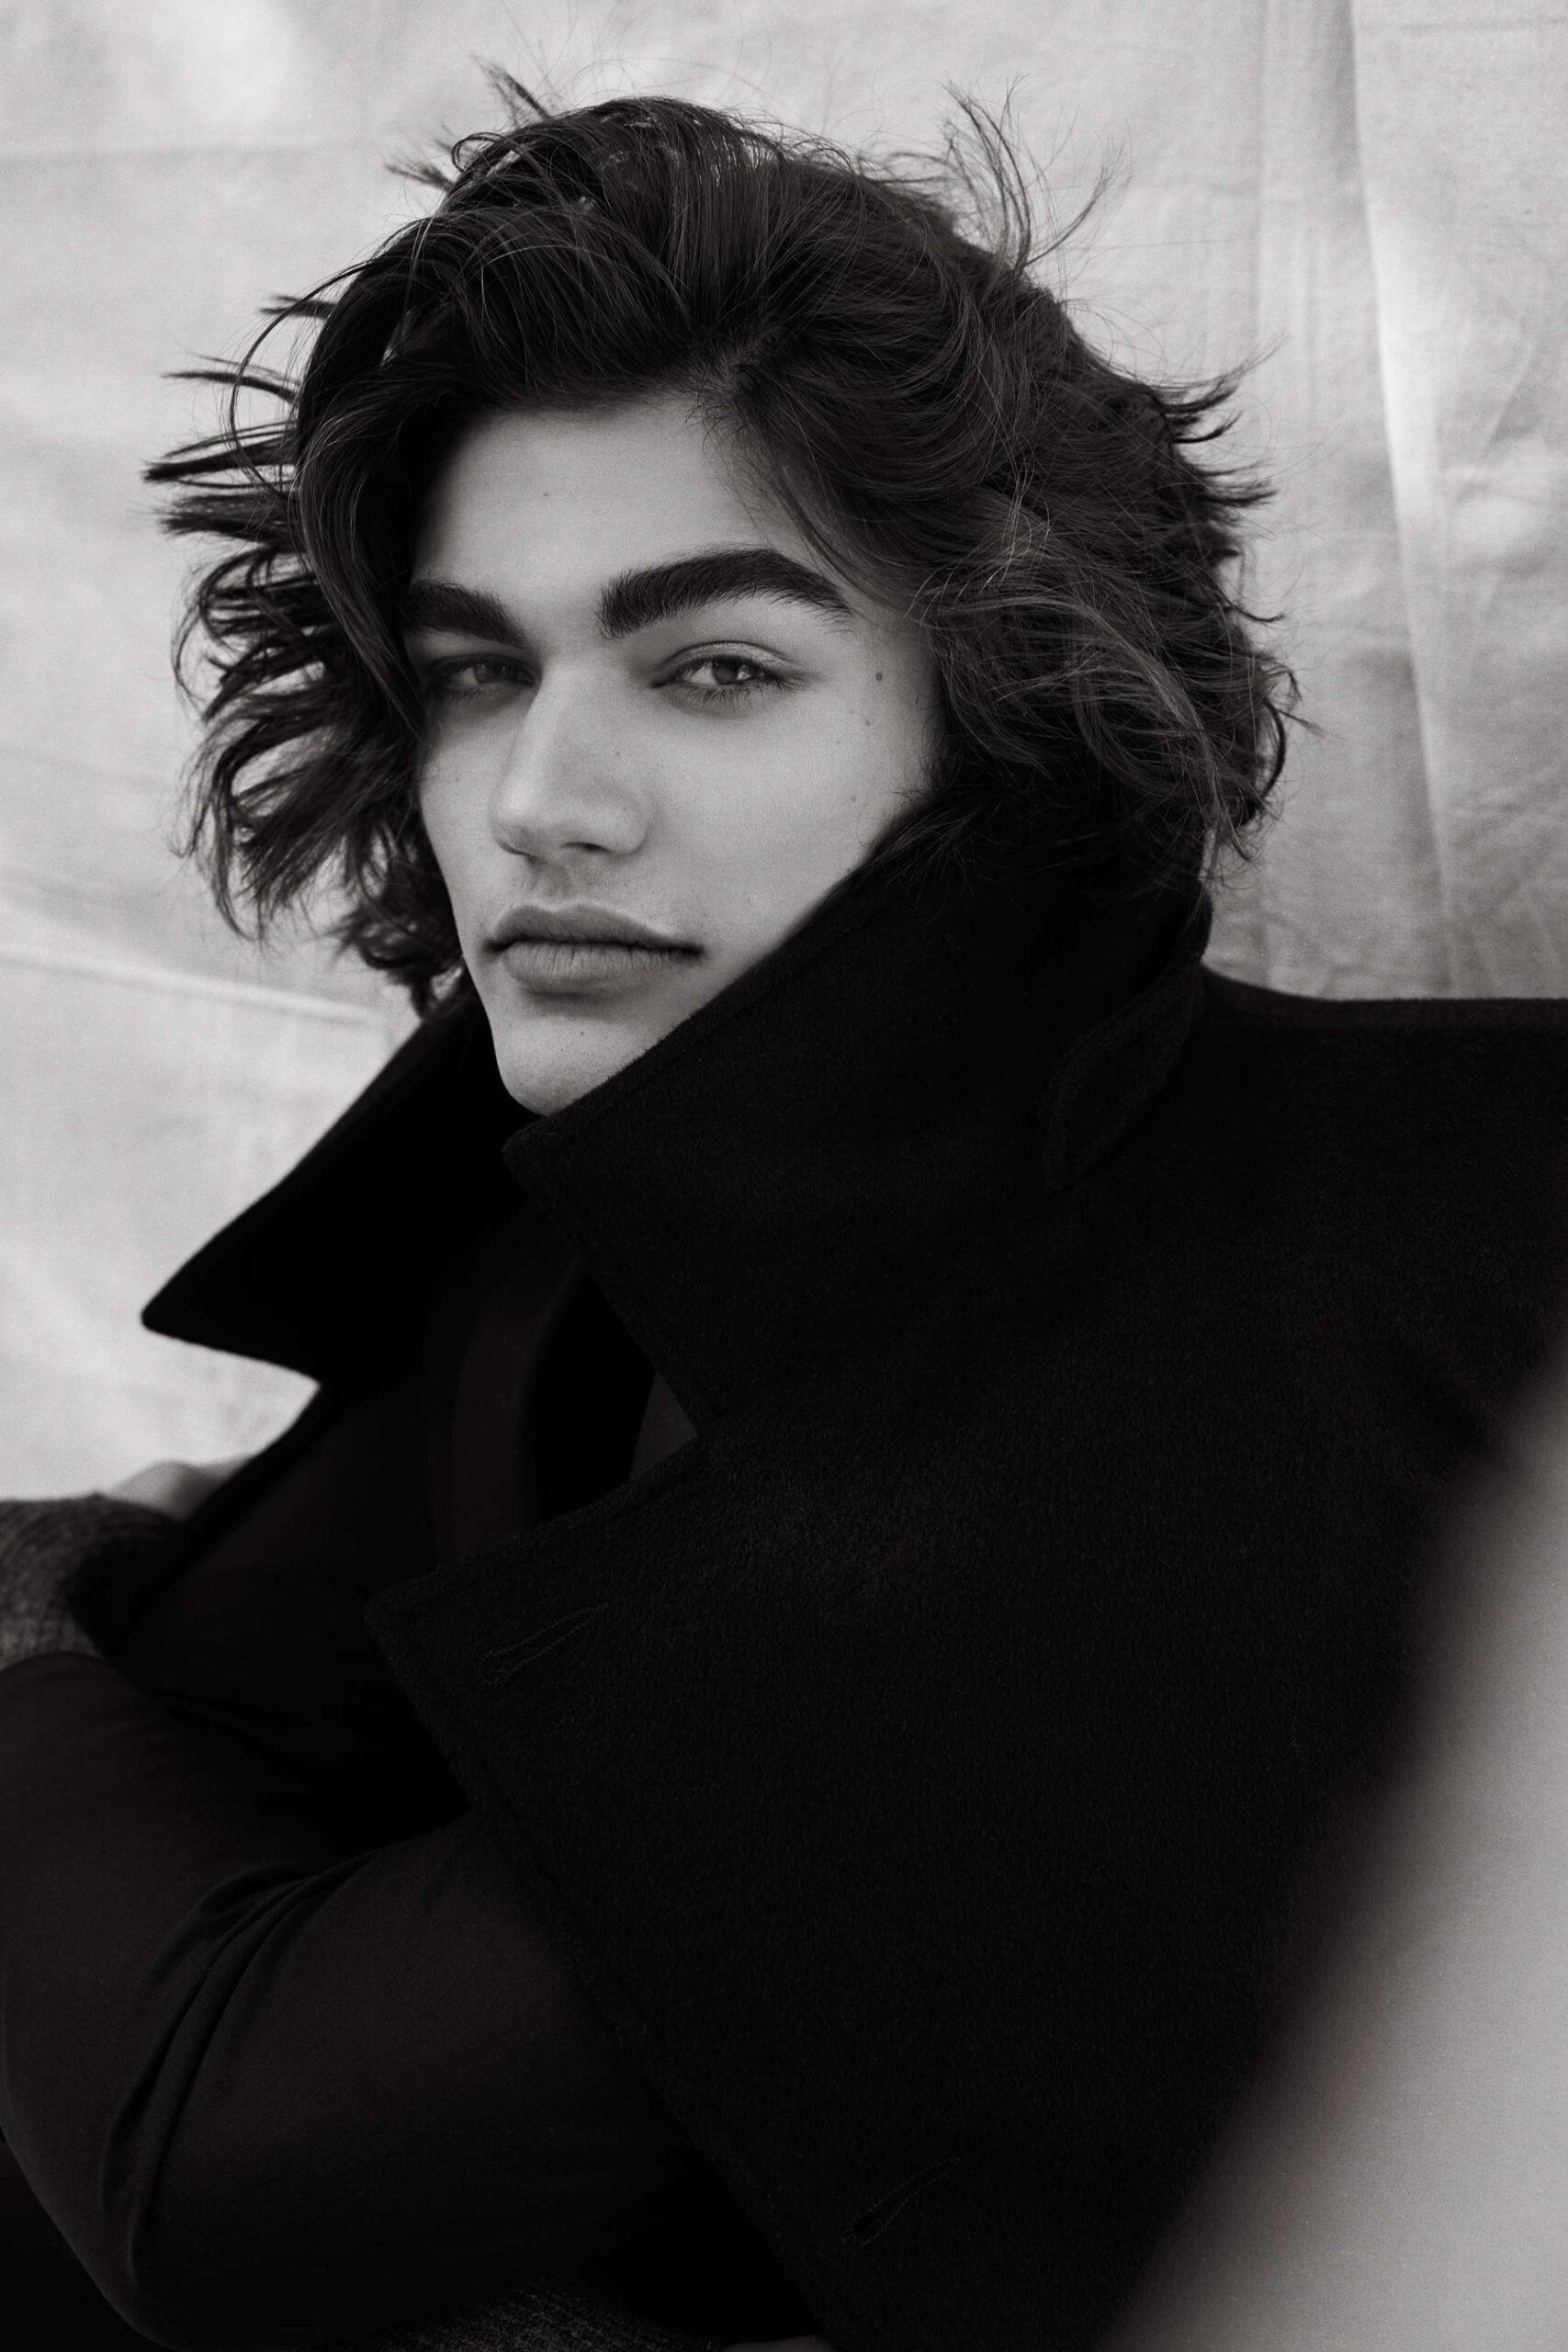 Dariane Sanche photographe portrait professionnel d'un jeune homme d'affaire en veston.